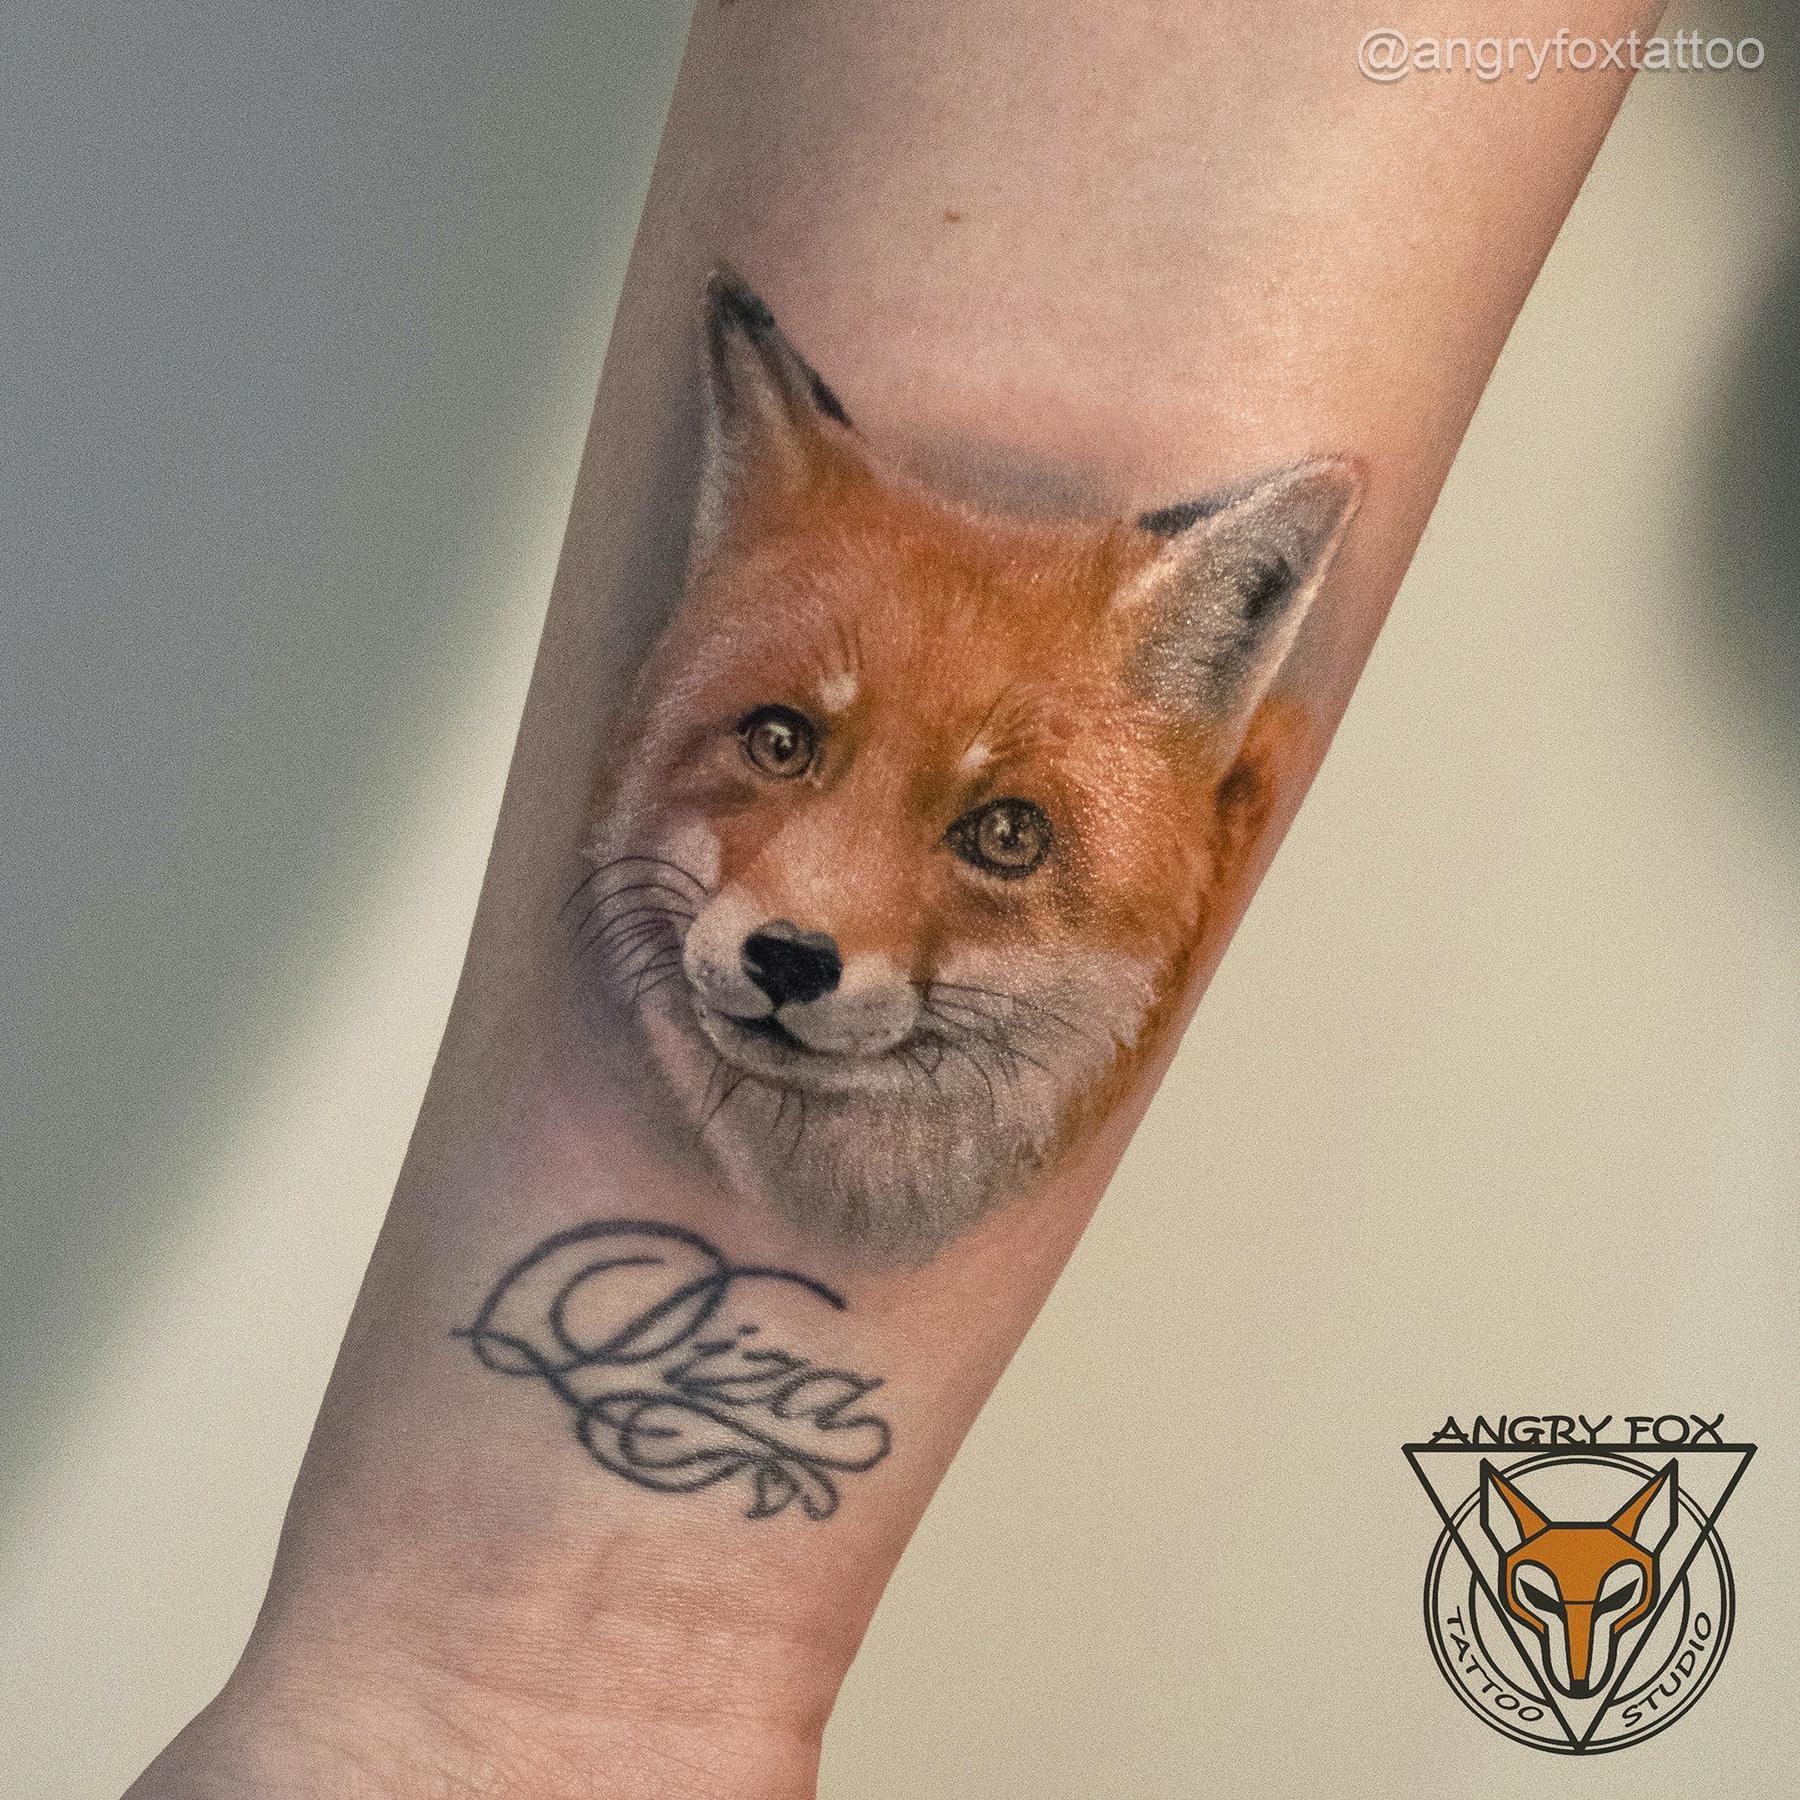 татуировка, тату, рука, предплечье, лиса, надпись, реализм, графика